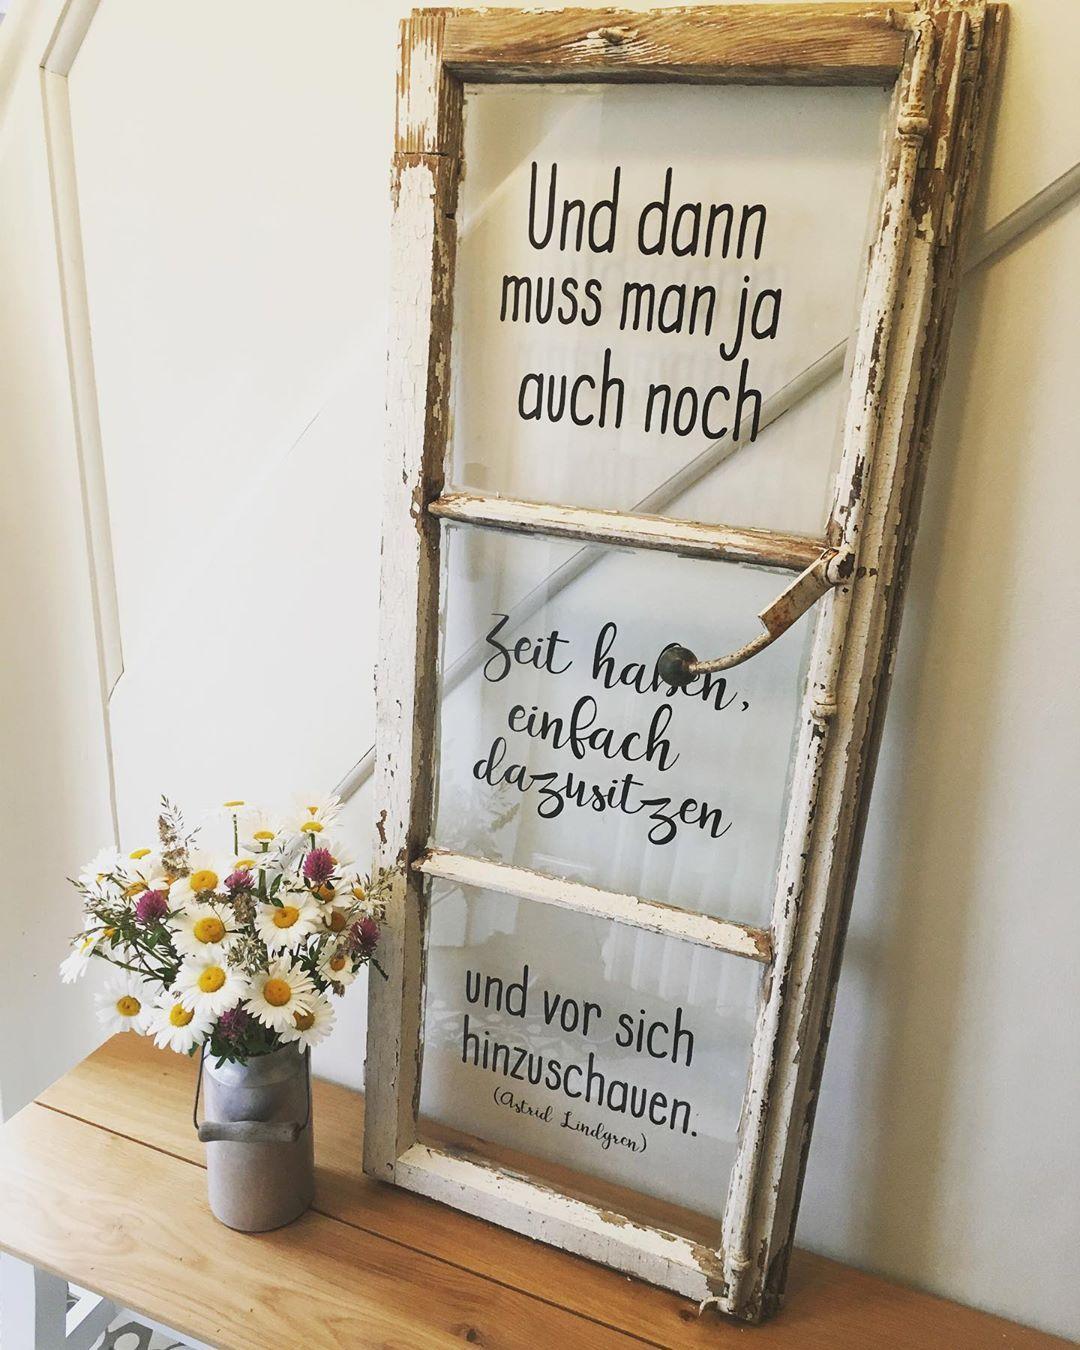 Fenster- und Astrid Lindgrenliebe Habt ihr den Vatertag gut überstanden? Ich ha...